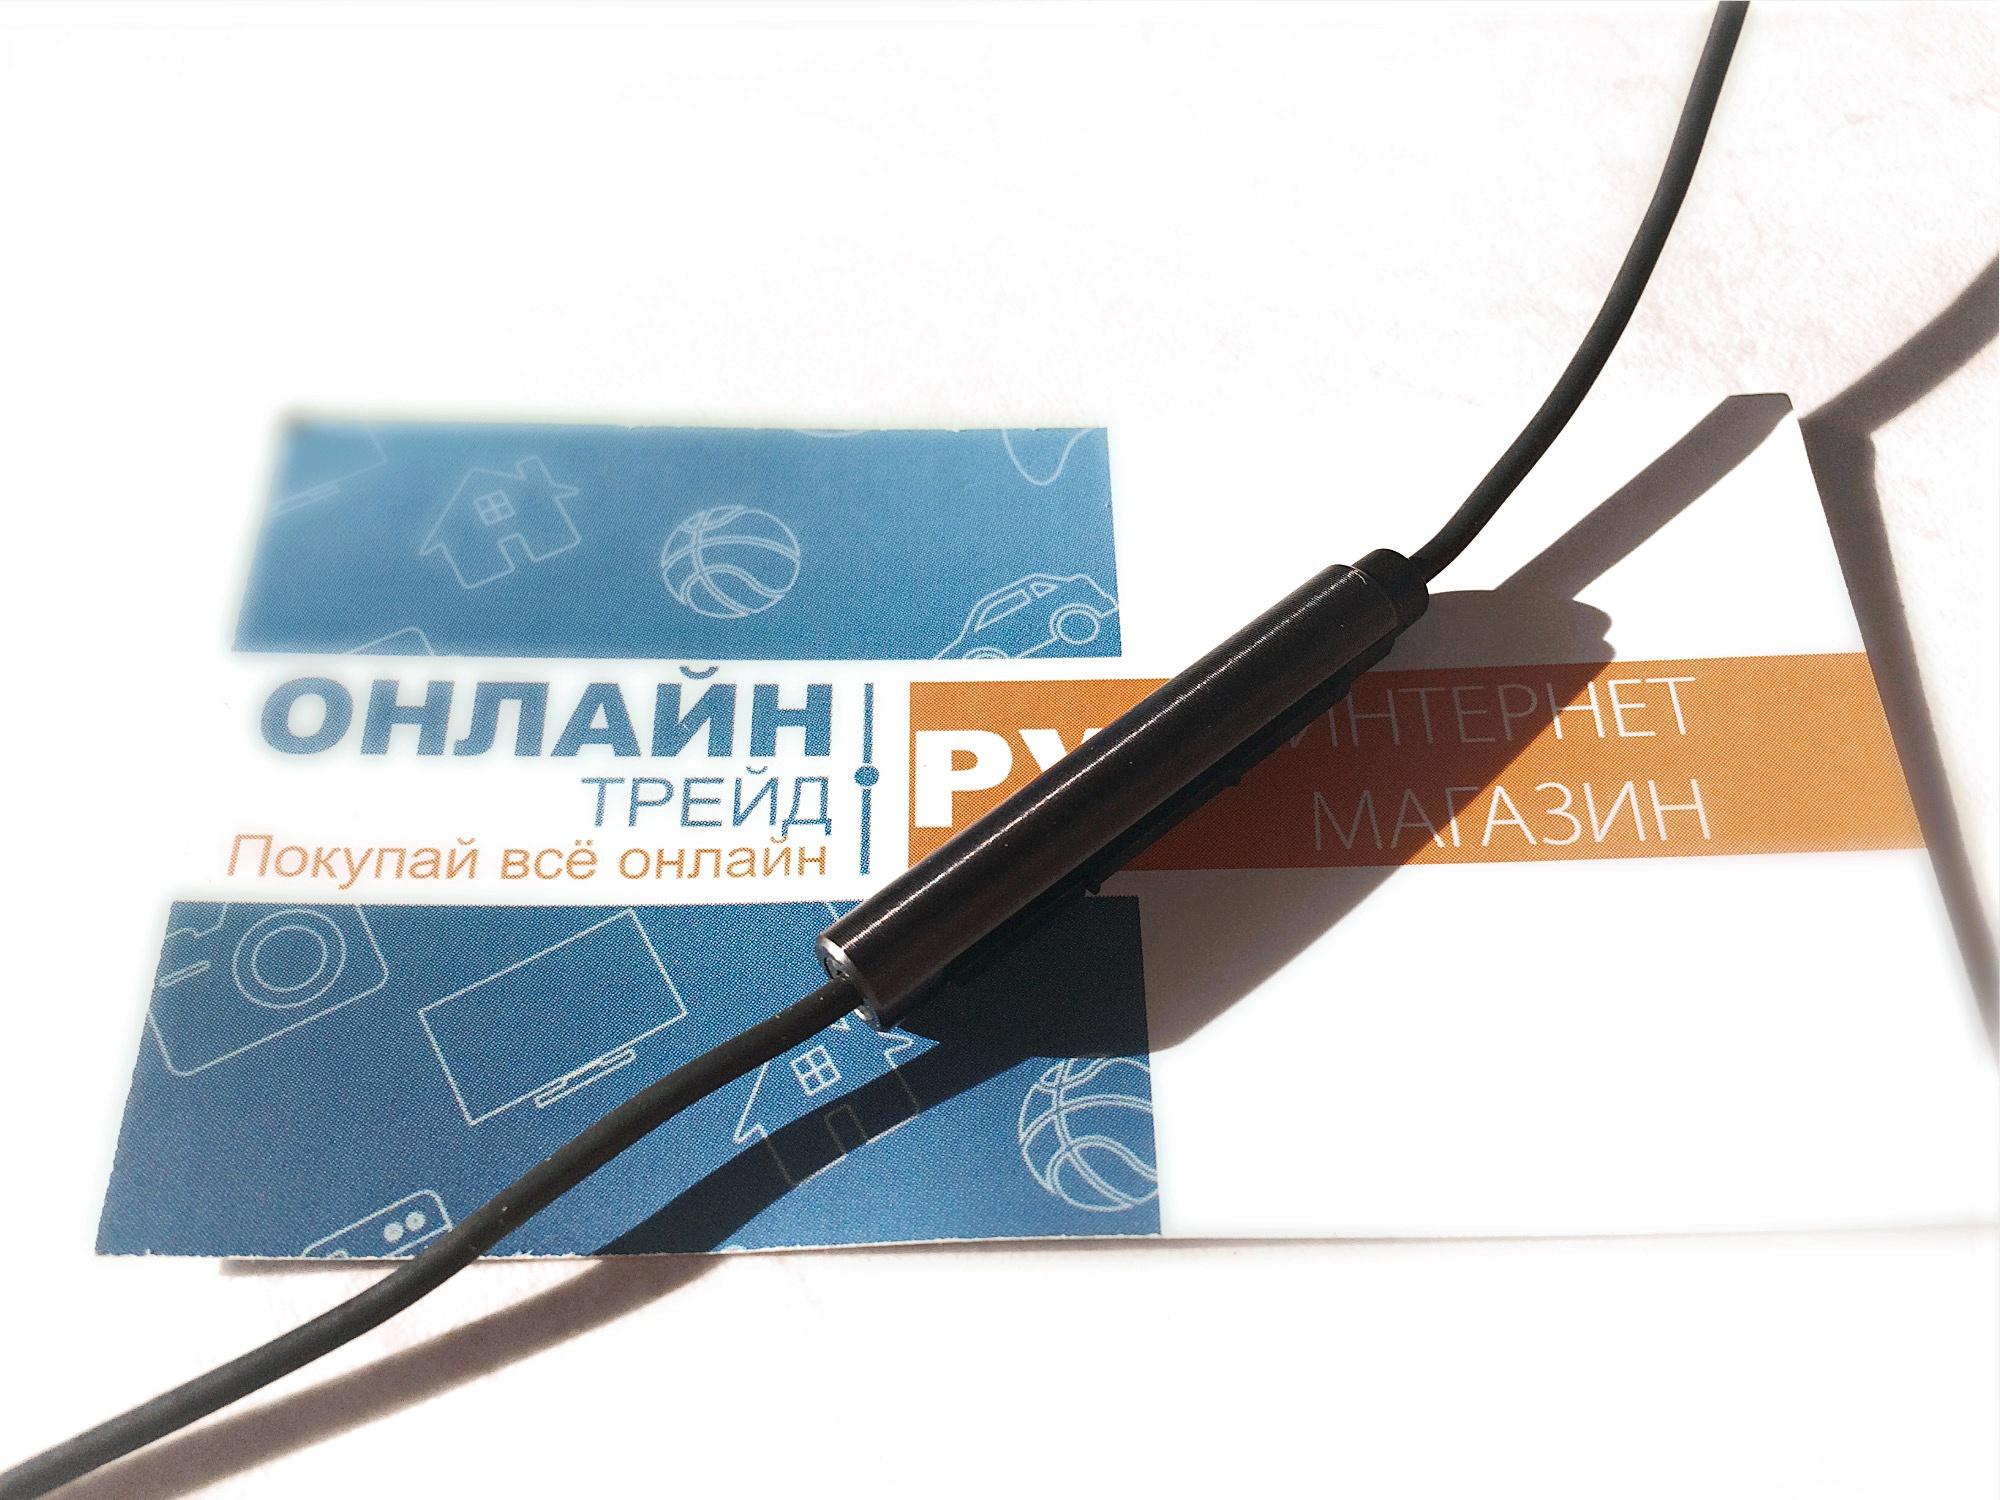 Найти защита камеры силиконовая фантик шнур type c для диджиай мавик эйр